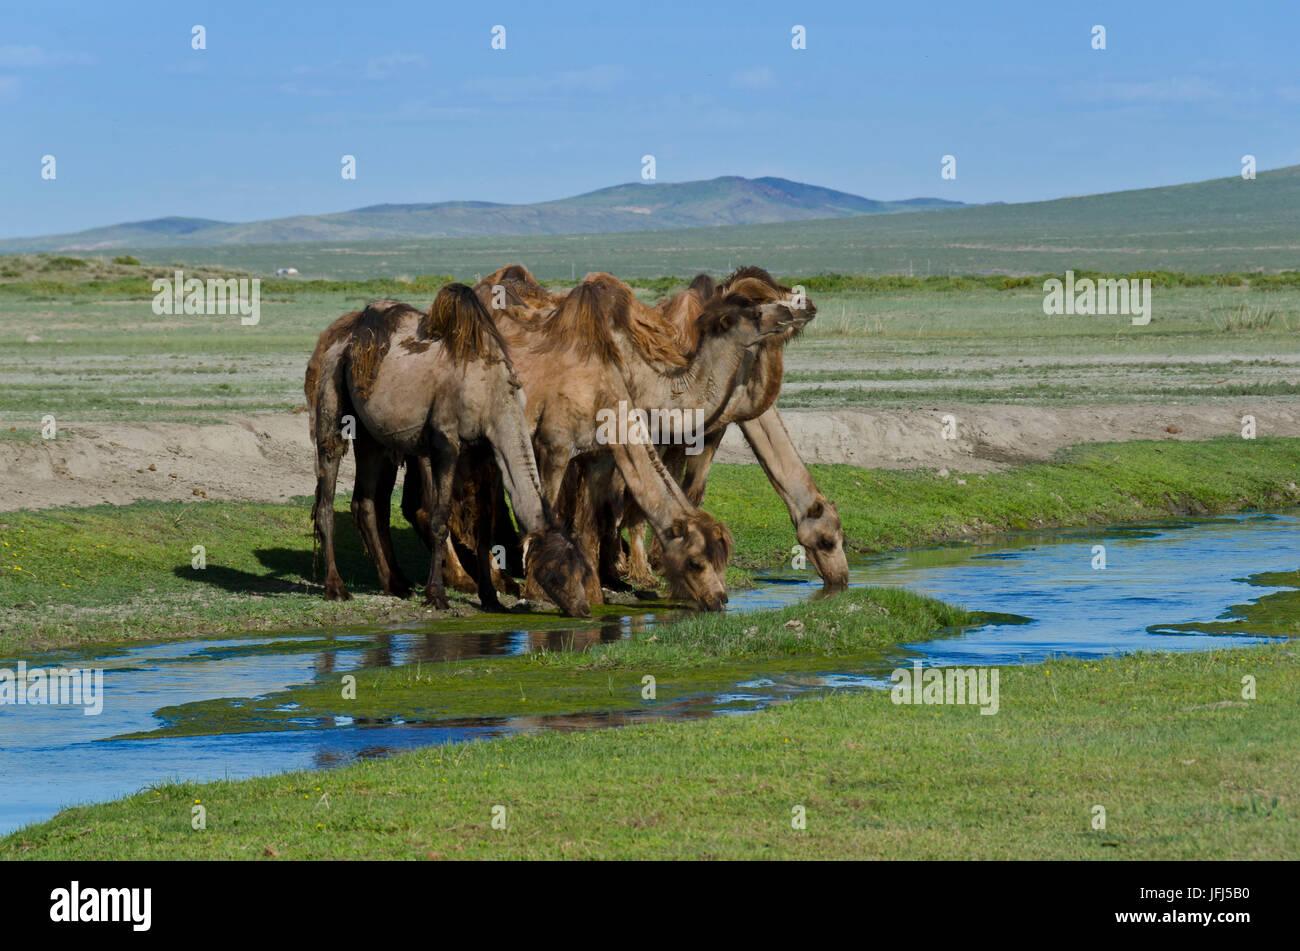 Mongolia, Central Asia, in the Dashinchilen palace ruin of Choghtu Khong Tayiji (Tsogt Taij), camels - Stock Image